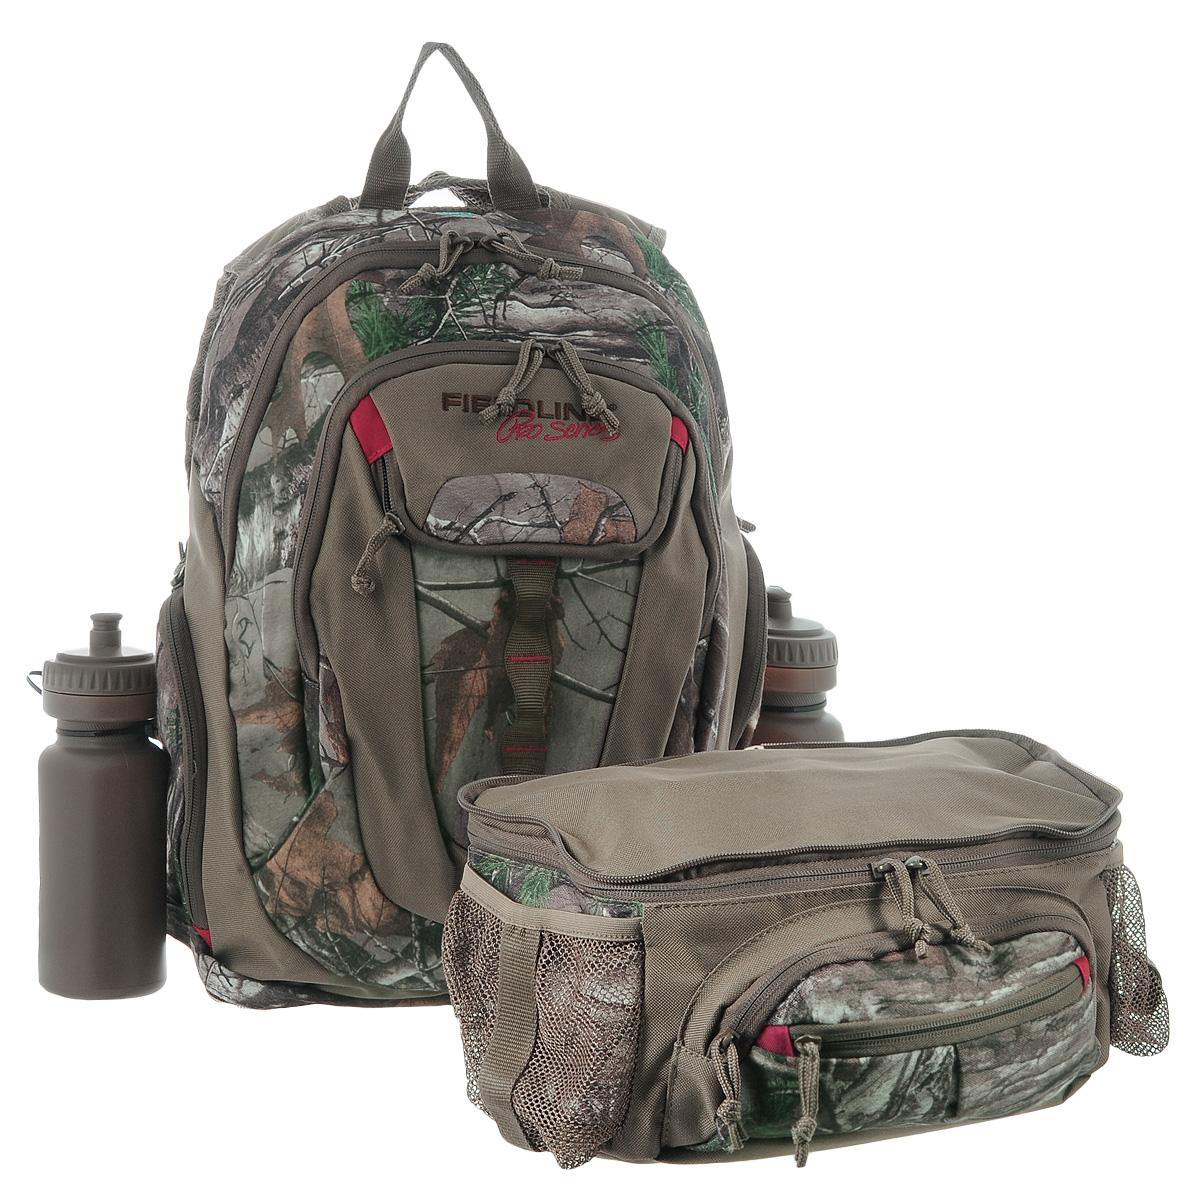 """Охотничий рюкзак Fieldline """"Big Game Backpack"""" для сложных маршрутов, выполненный из прочной, малошуршащей ткани. Регулируемая подвесная система с вентилируемой сеткой обеспечивает максимальную циркуляцию воздуха. Рюкзак имеет 1 вместительное отделение на застежке-молнии с 2 бегунками. Спереди имеется 2 кармана на застежке-молнии. По бокам также расположено 2 кармана на застежке-молнии. Нижняя часть рюкзака может быть отсоединена и использована как поясная сумка. Она имеет 1 вместительное отделение на застежке-молнии. Спереди имеется 2 кармана на застежке-молнии. По бокам расположено 2 сетчатых кармана для хранения бутылок с водой (2 бутылки в комплекте).    Что взять с собой в поход?. Статья OZON Гид"""